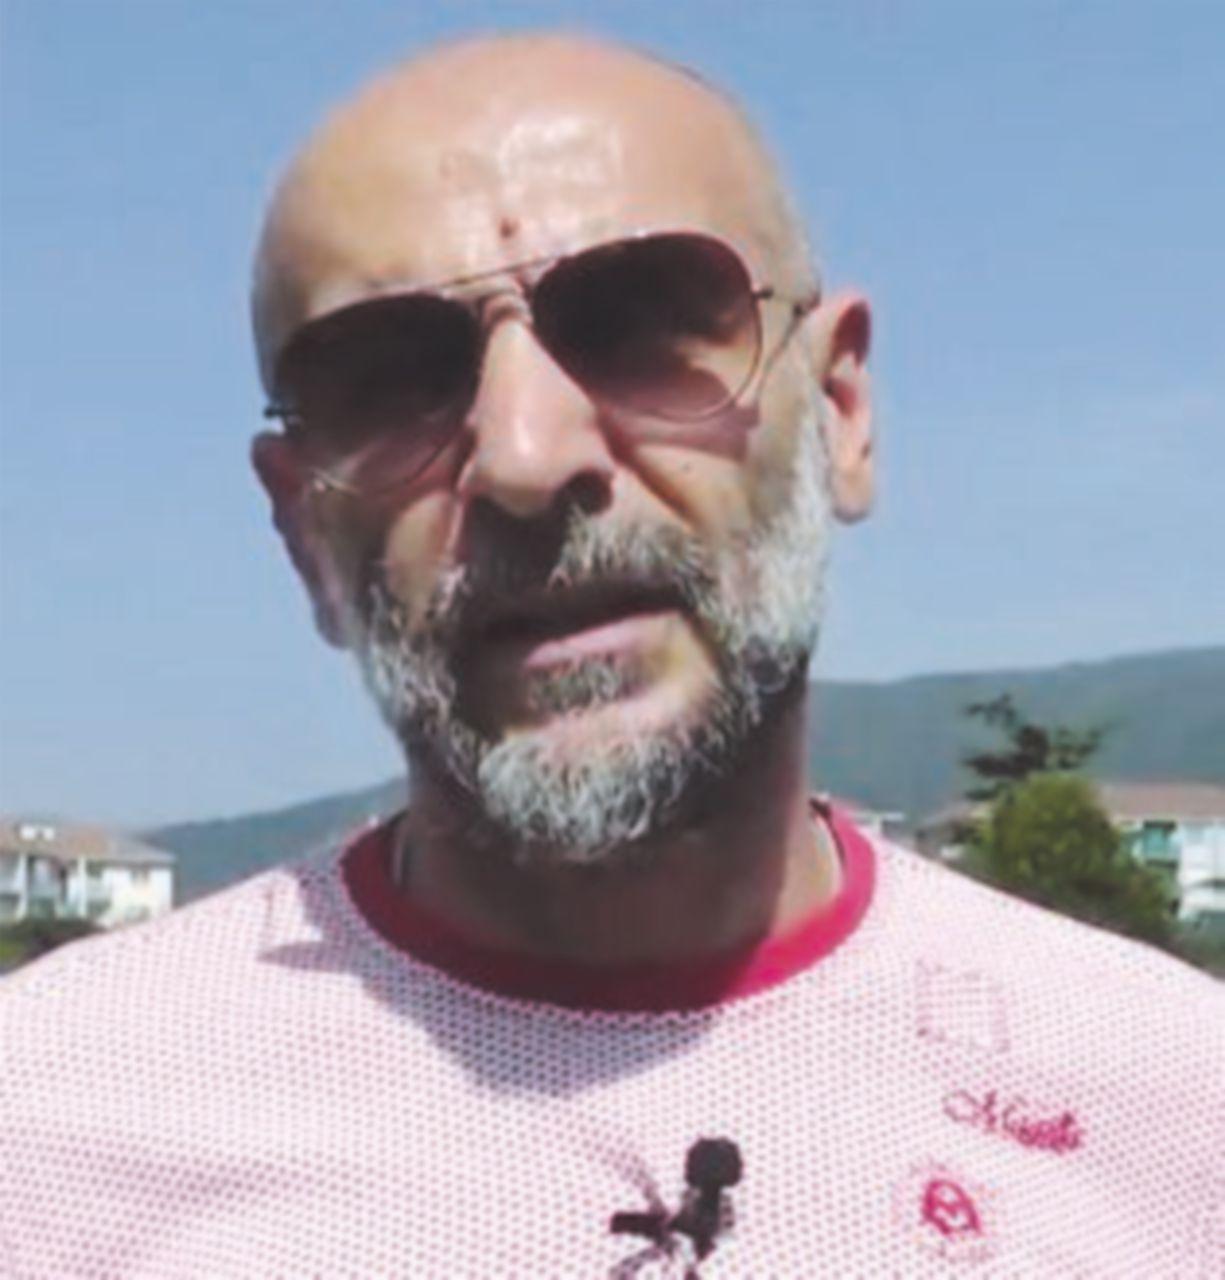 """Pino Di Leone, l'allenatore """"sui generis"""" che denuncia per non vincere a tavolino"""